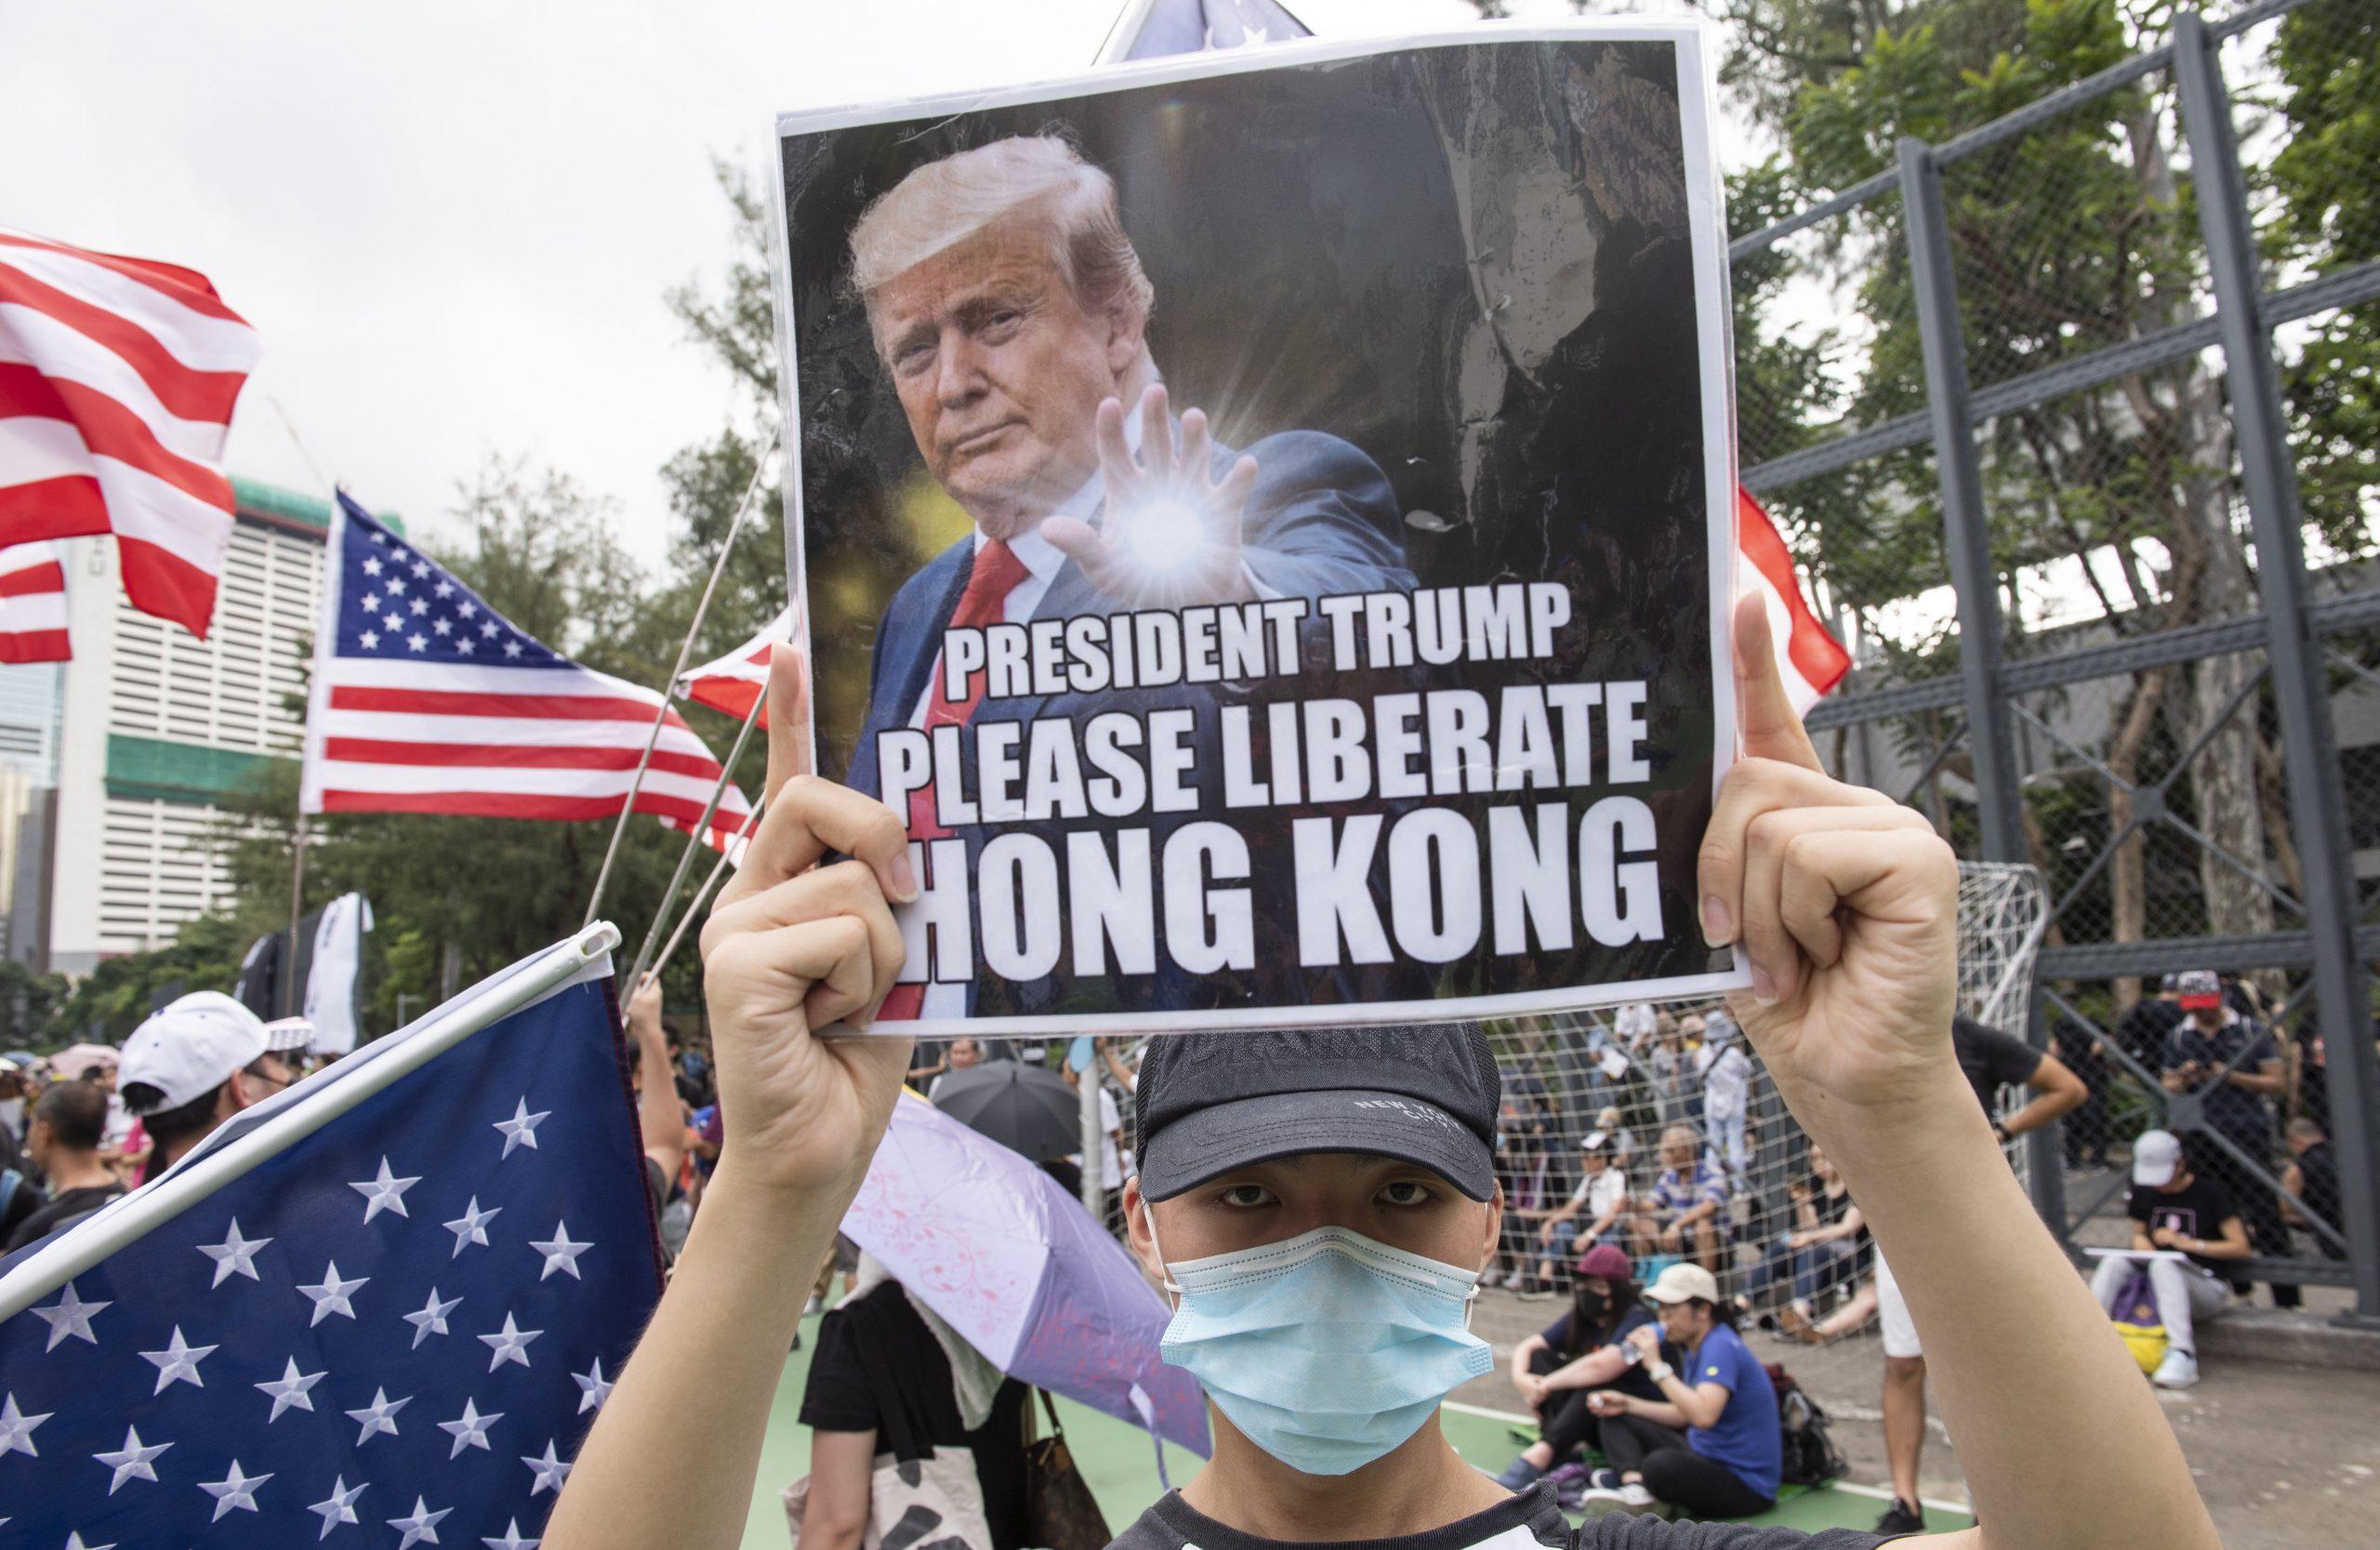 Az amerikai elnököt ábrázoló, Trump elnök, kérlek, szabadítsd fel Hongkongot jelentésű felirattal ellátott fényképet mutat fel egy tiltakozó / Fotó: MTI/EPA